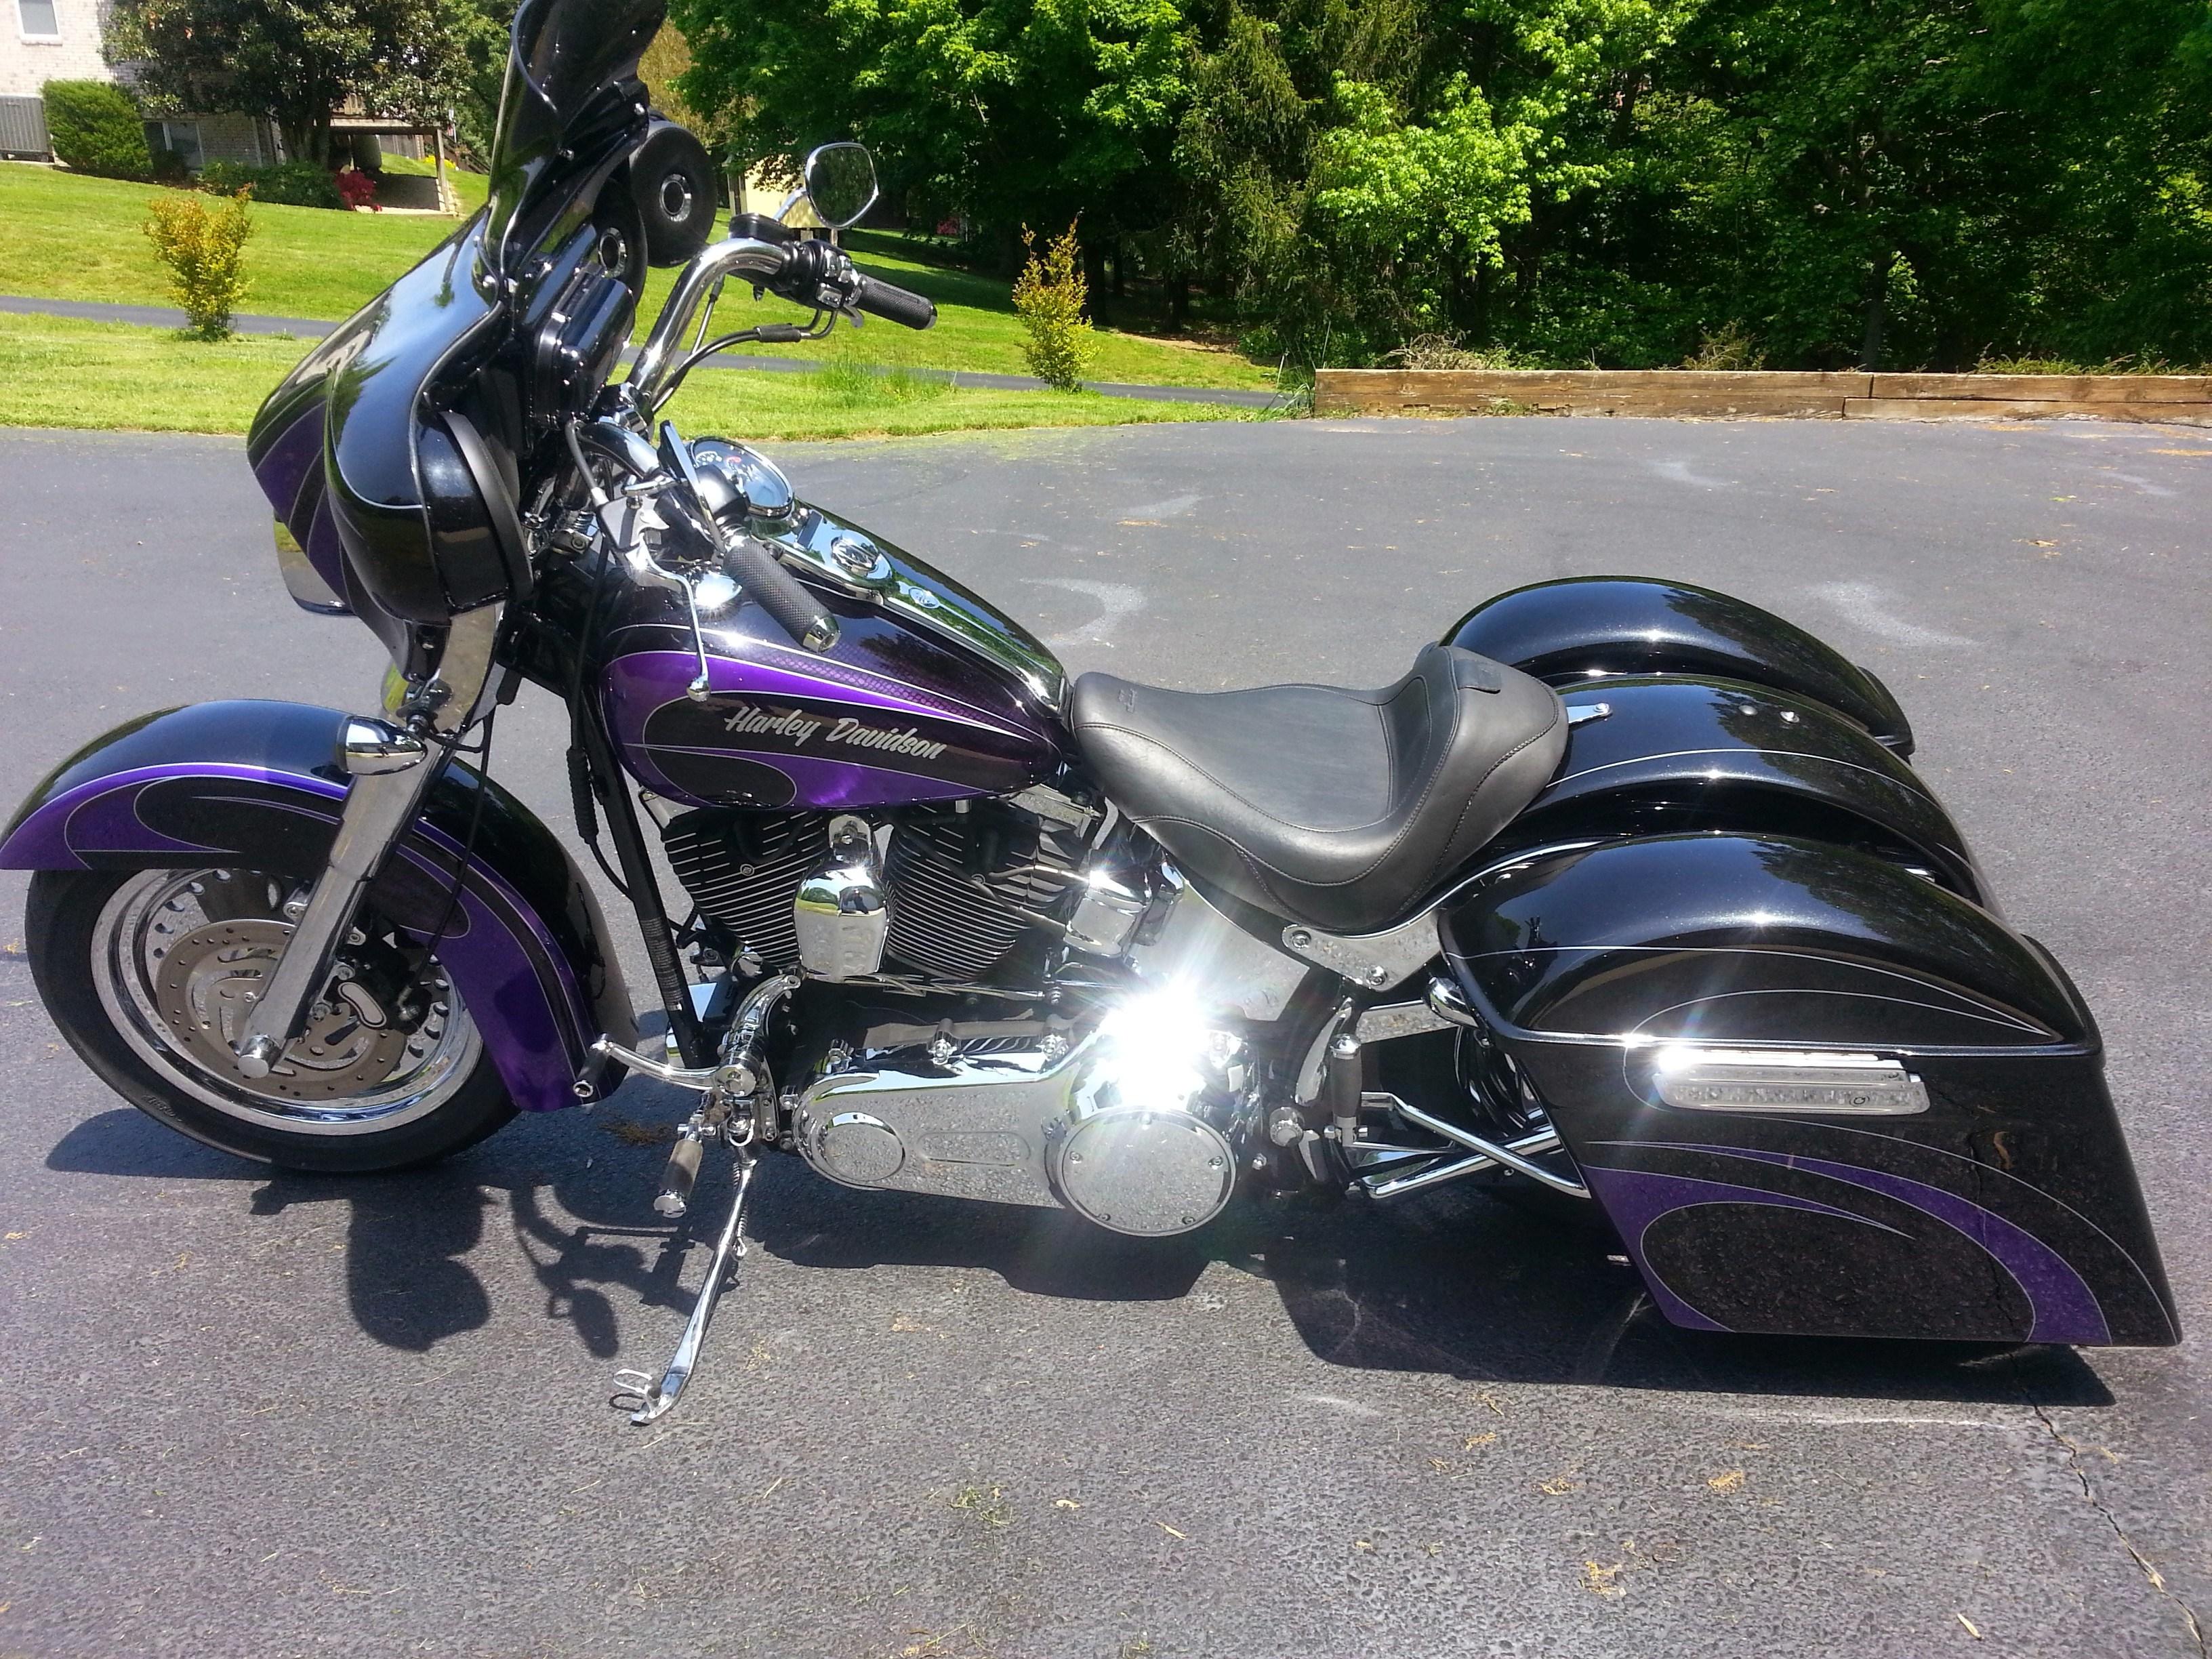 2009 Harley Davidson 174 Flstf Softail 174 Fat Boy 174 Tuxedo